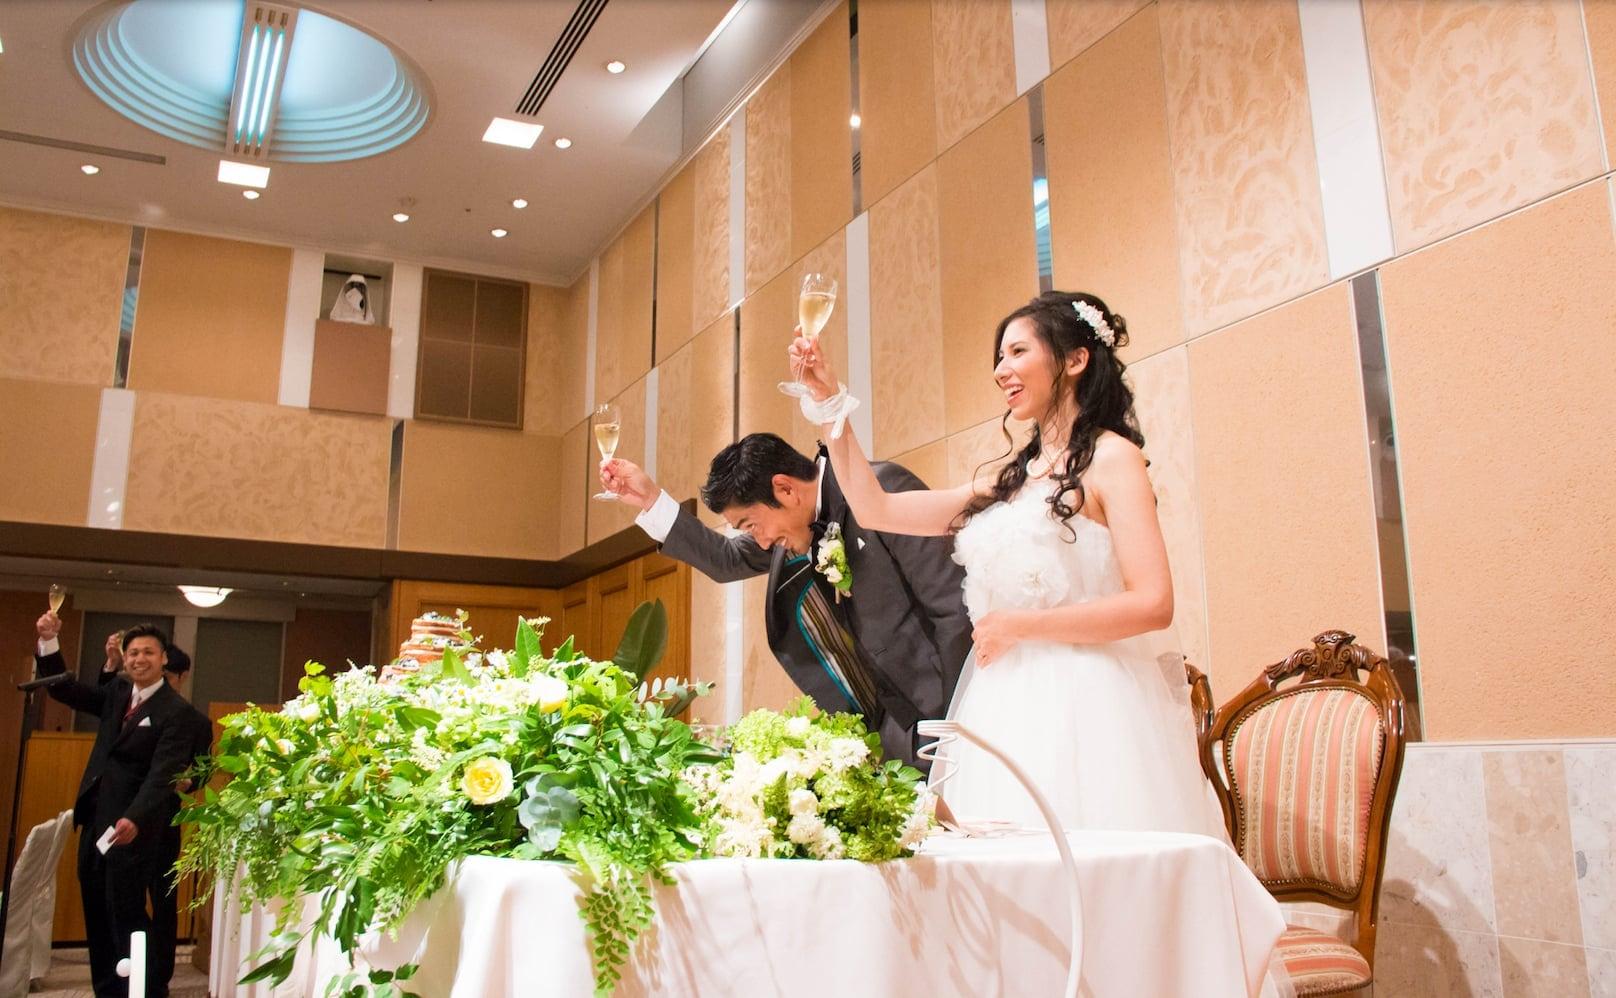 「ブライダル」結婚式、披露宴撮影プラン オープニング特価!のイメージその5